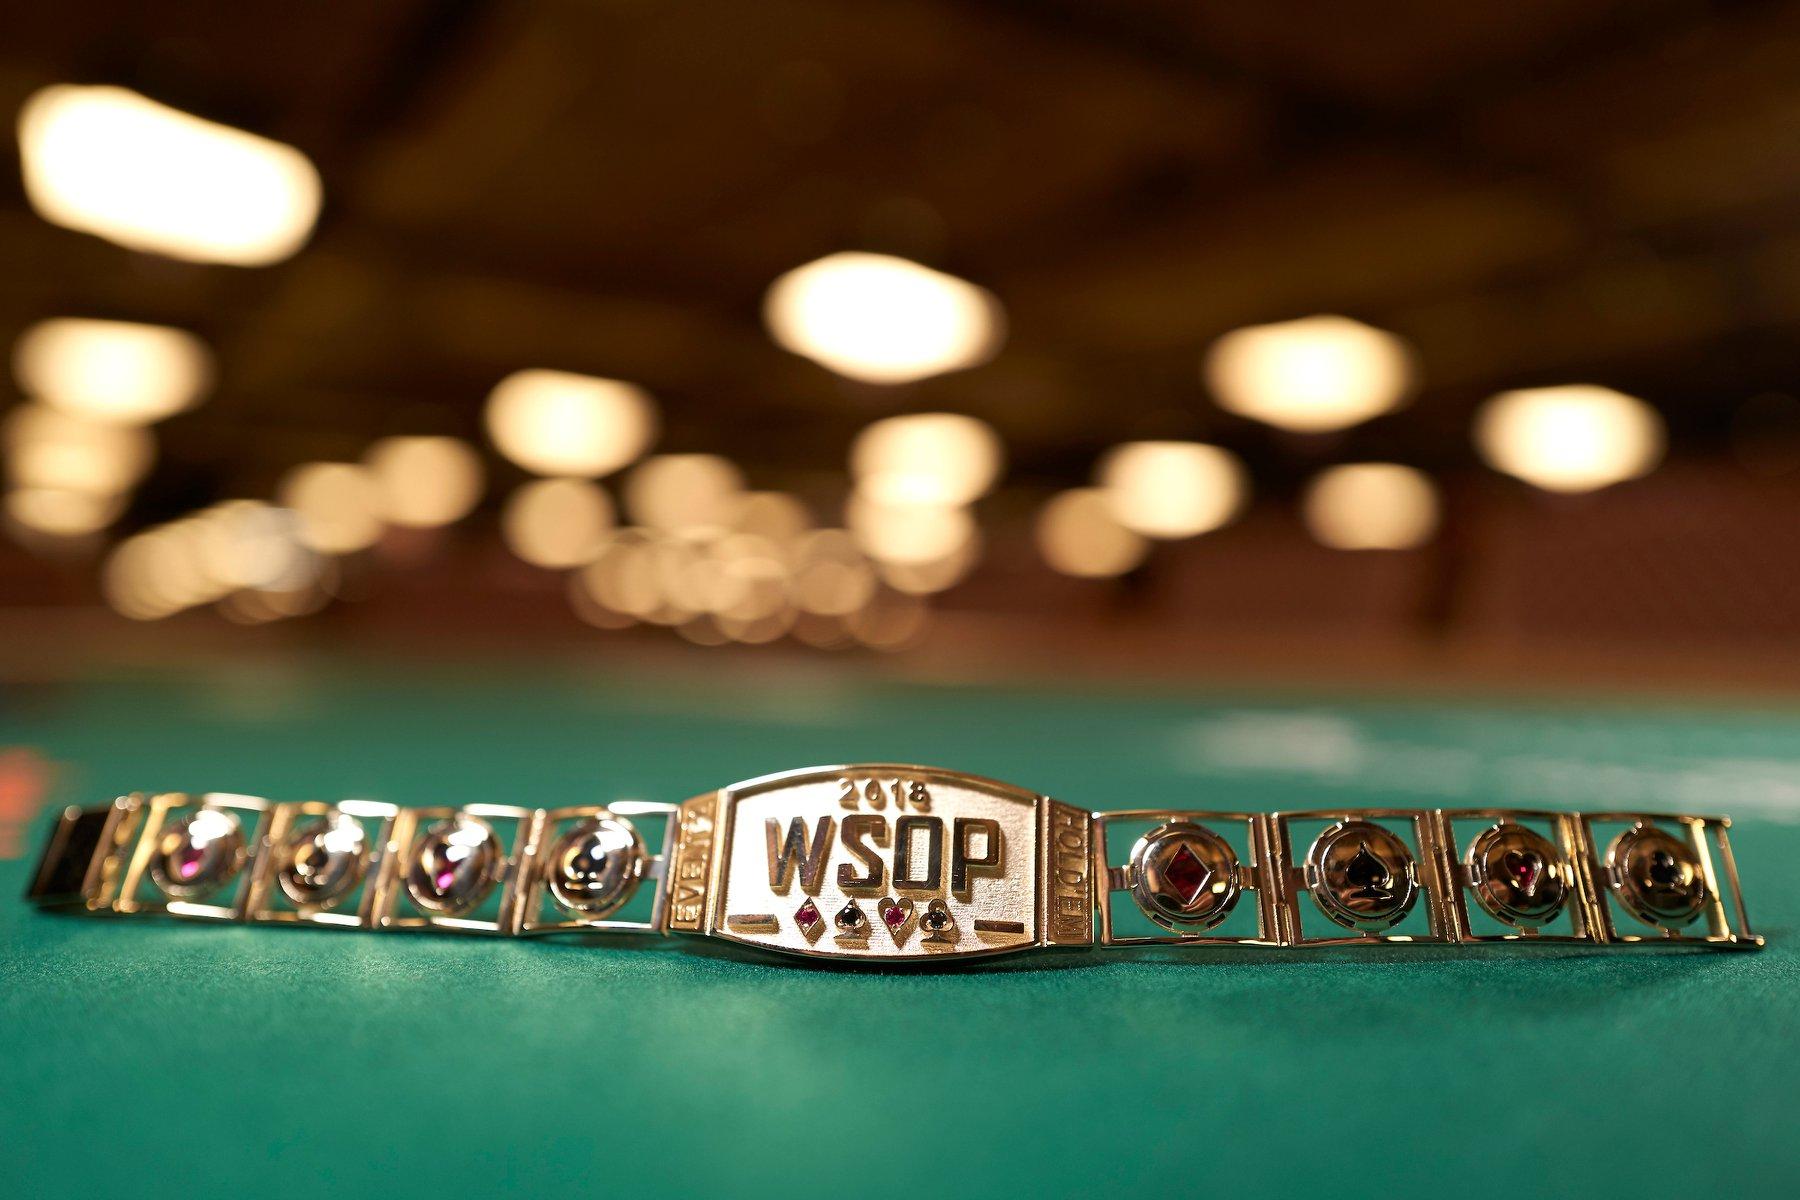 WSOP 2018 bracelet